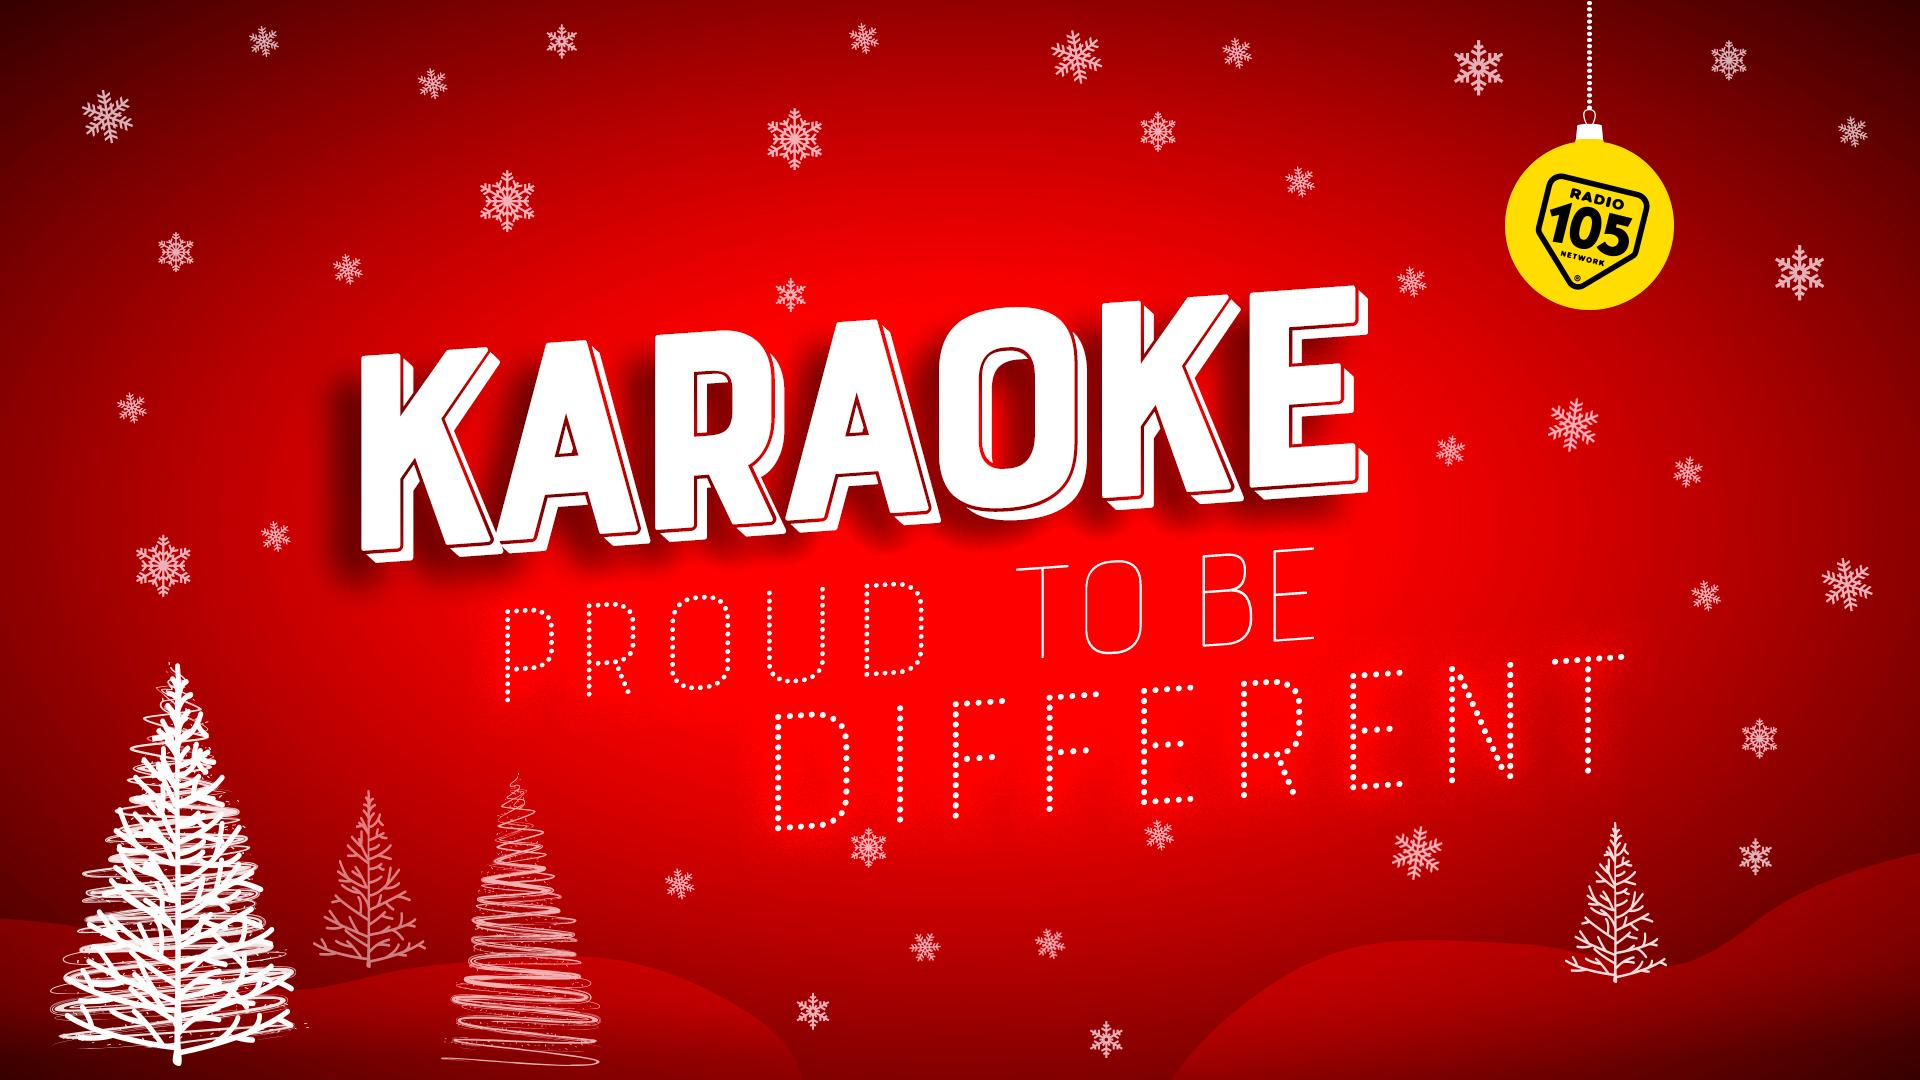 Auguri Di Buon Natale Karaoke.Buon Natale Con Il Nostro Karaoke Natalizio Radio 105